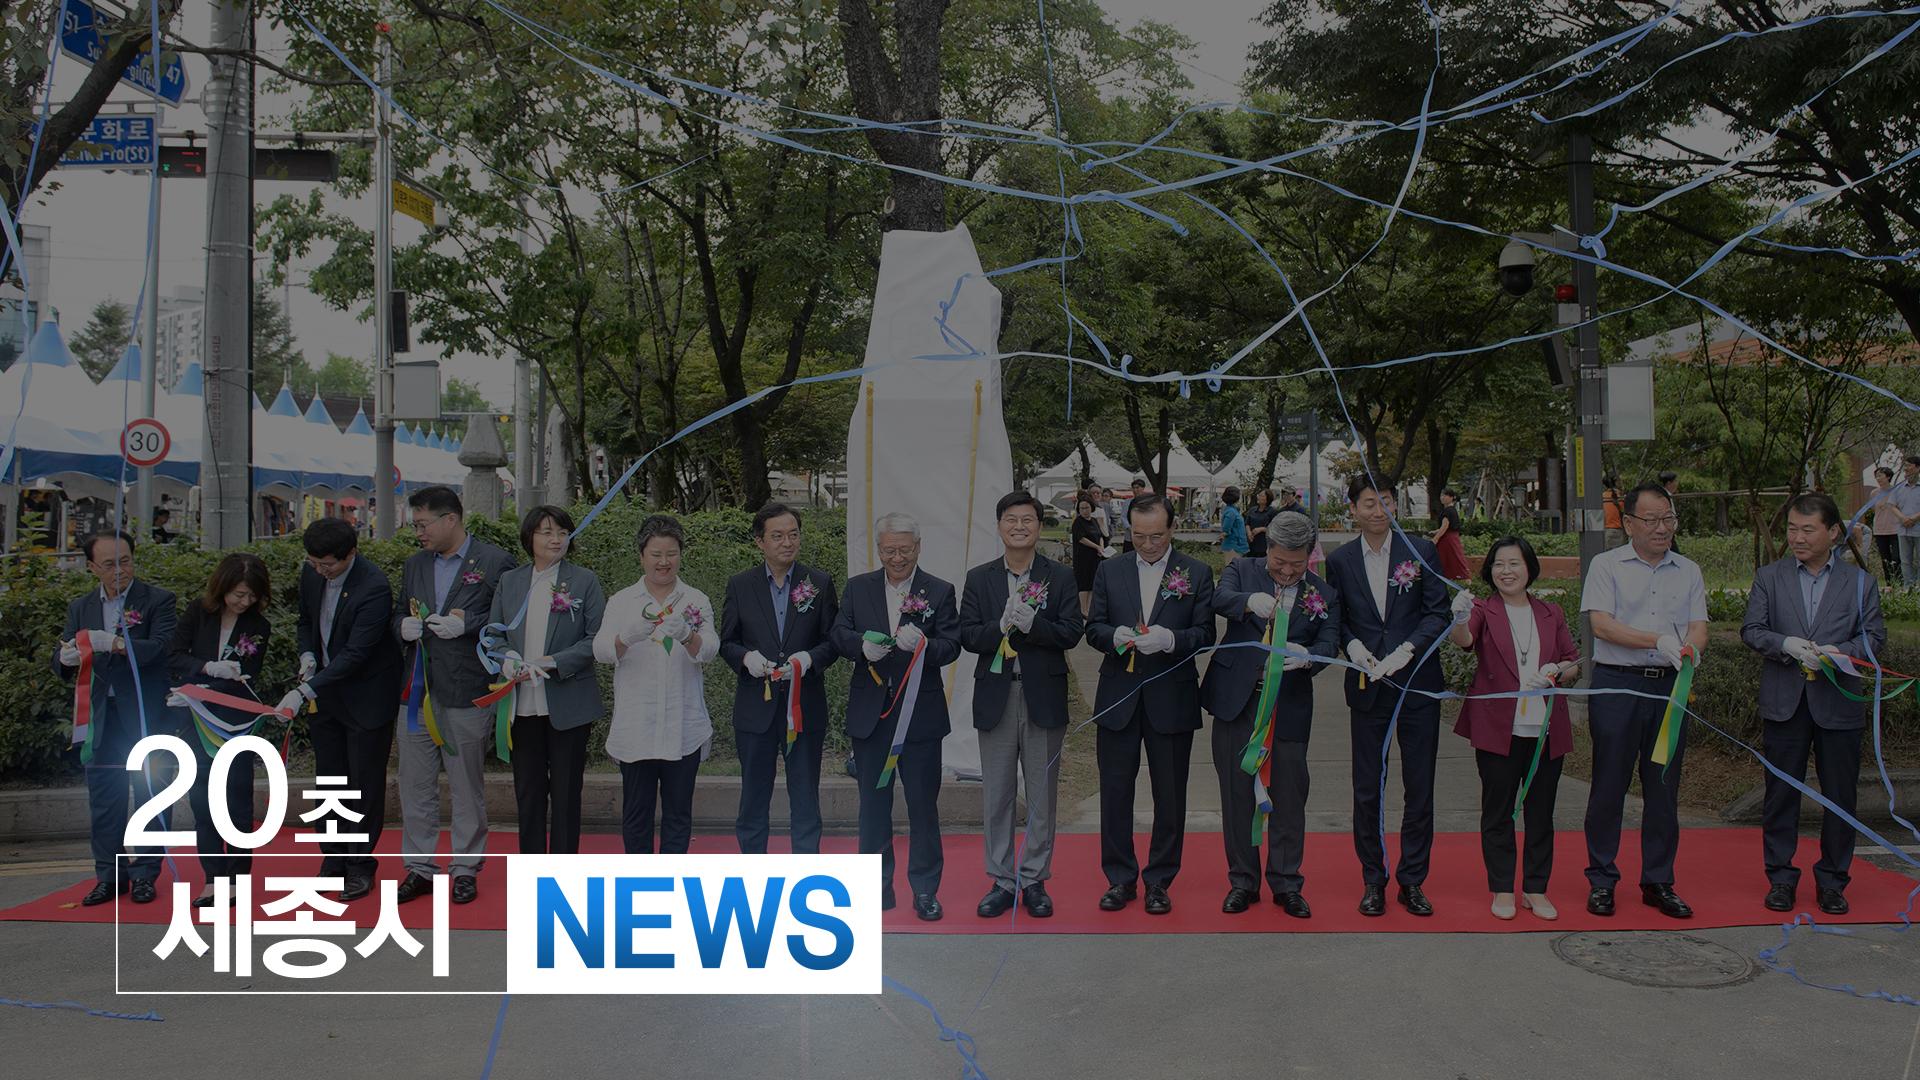 <20초뉴스> 조치원 문화정원 준공